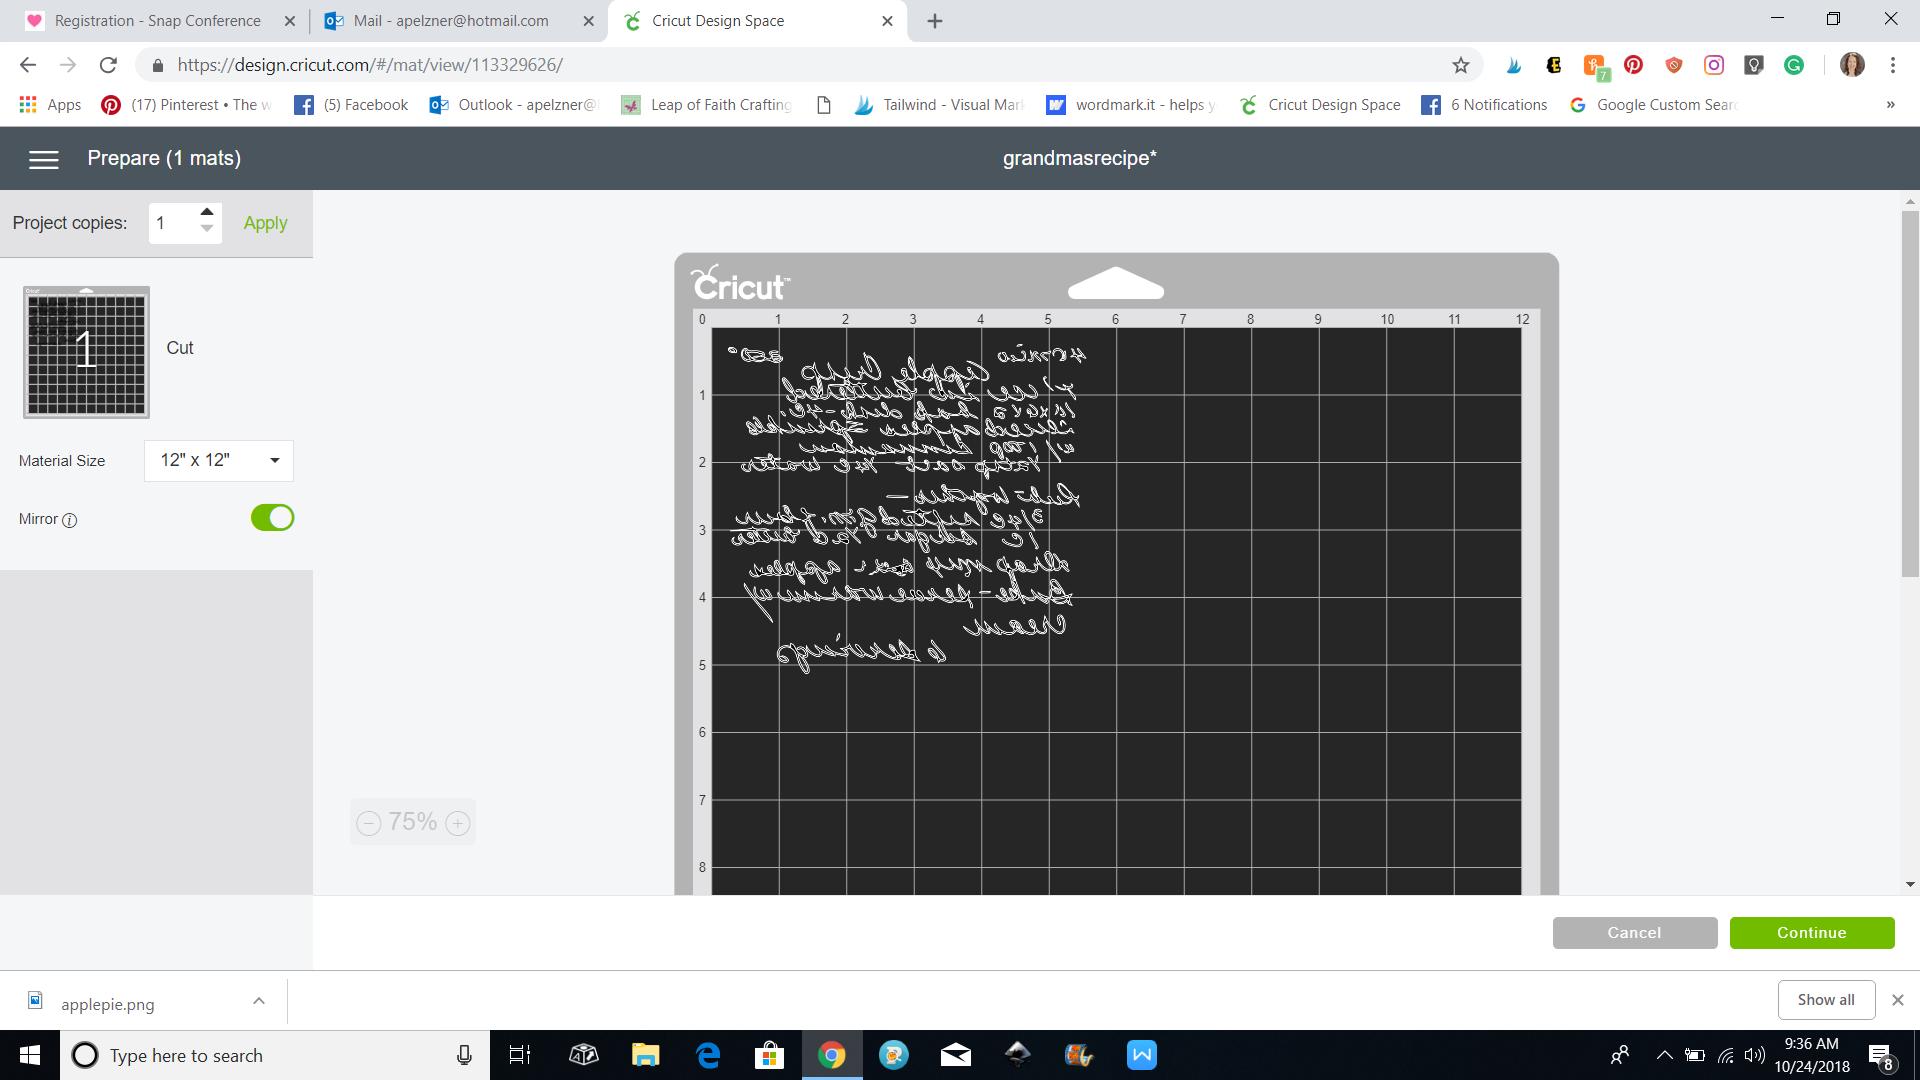 screenshot of cds handwritten recipe